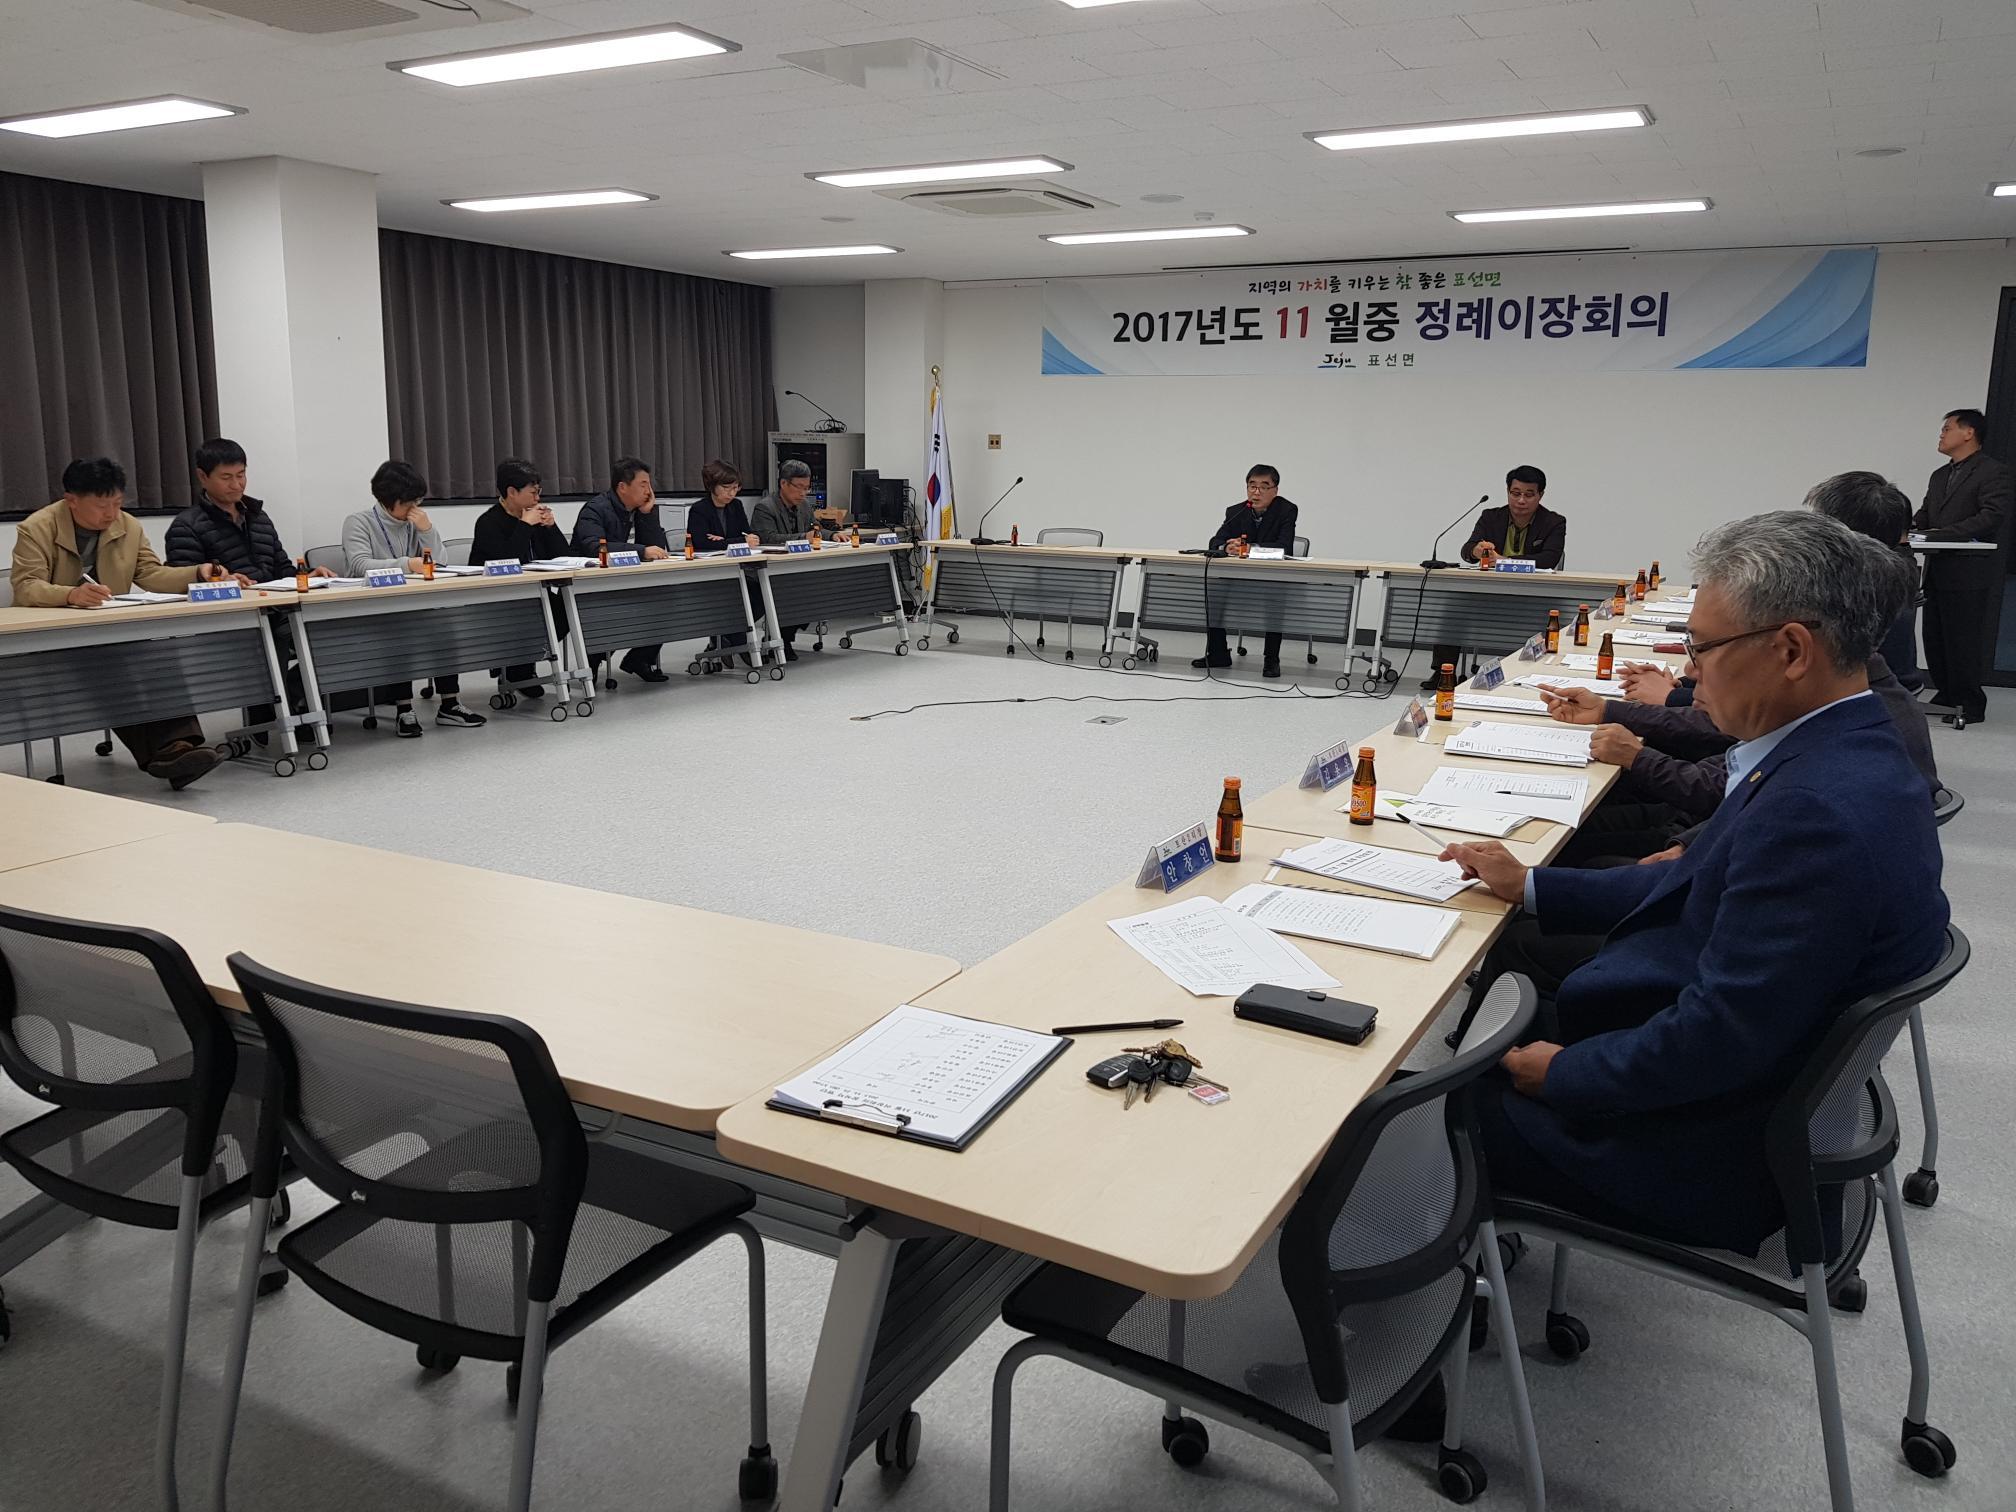 20171123_사진_표선면, 2017년 11월 정례이장회의 개최.jpg